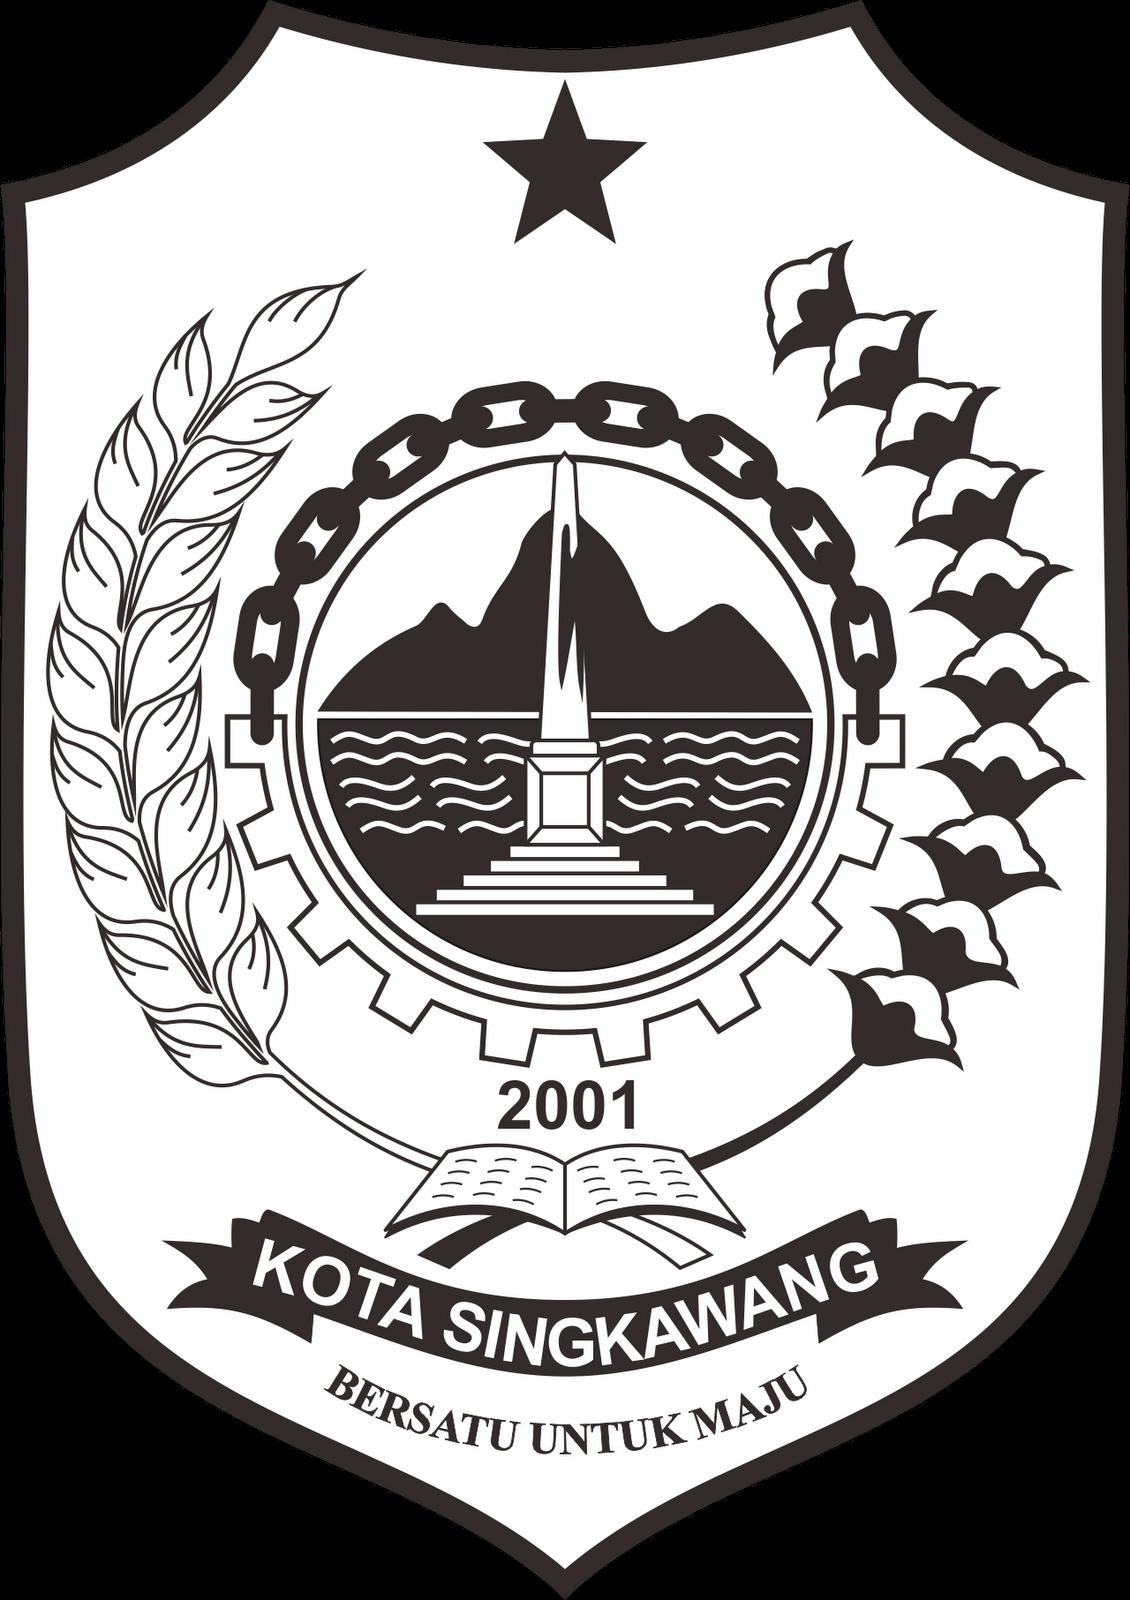 Lambang Logo Logo Kota Singkawang